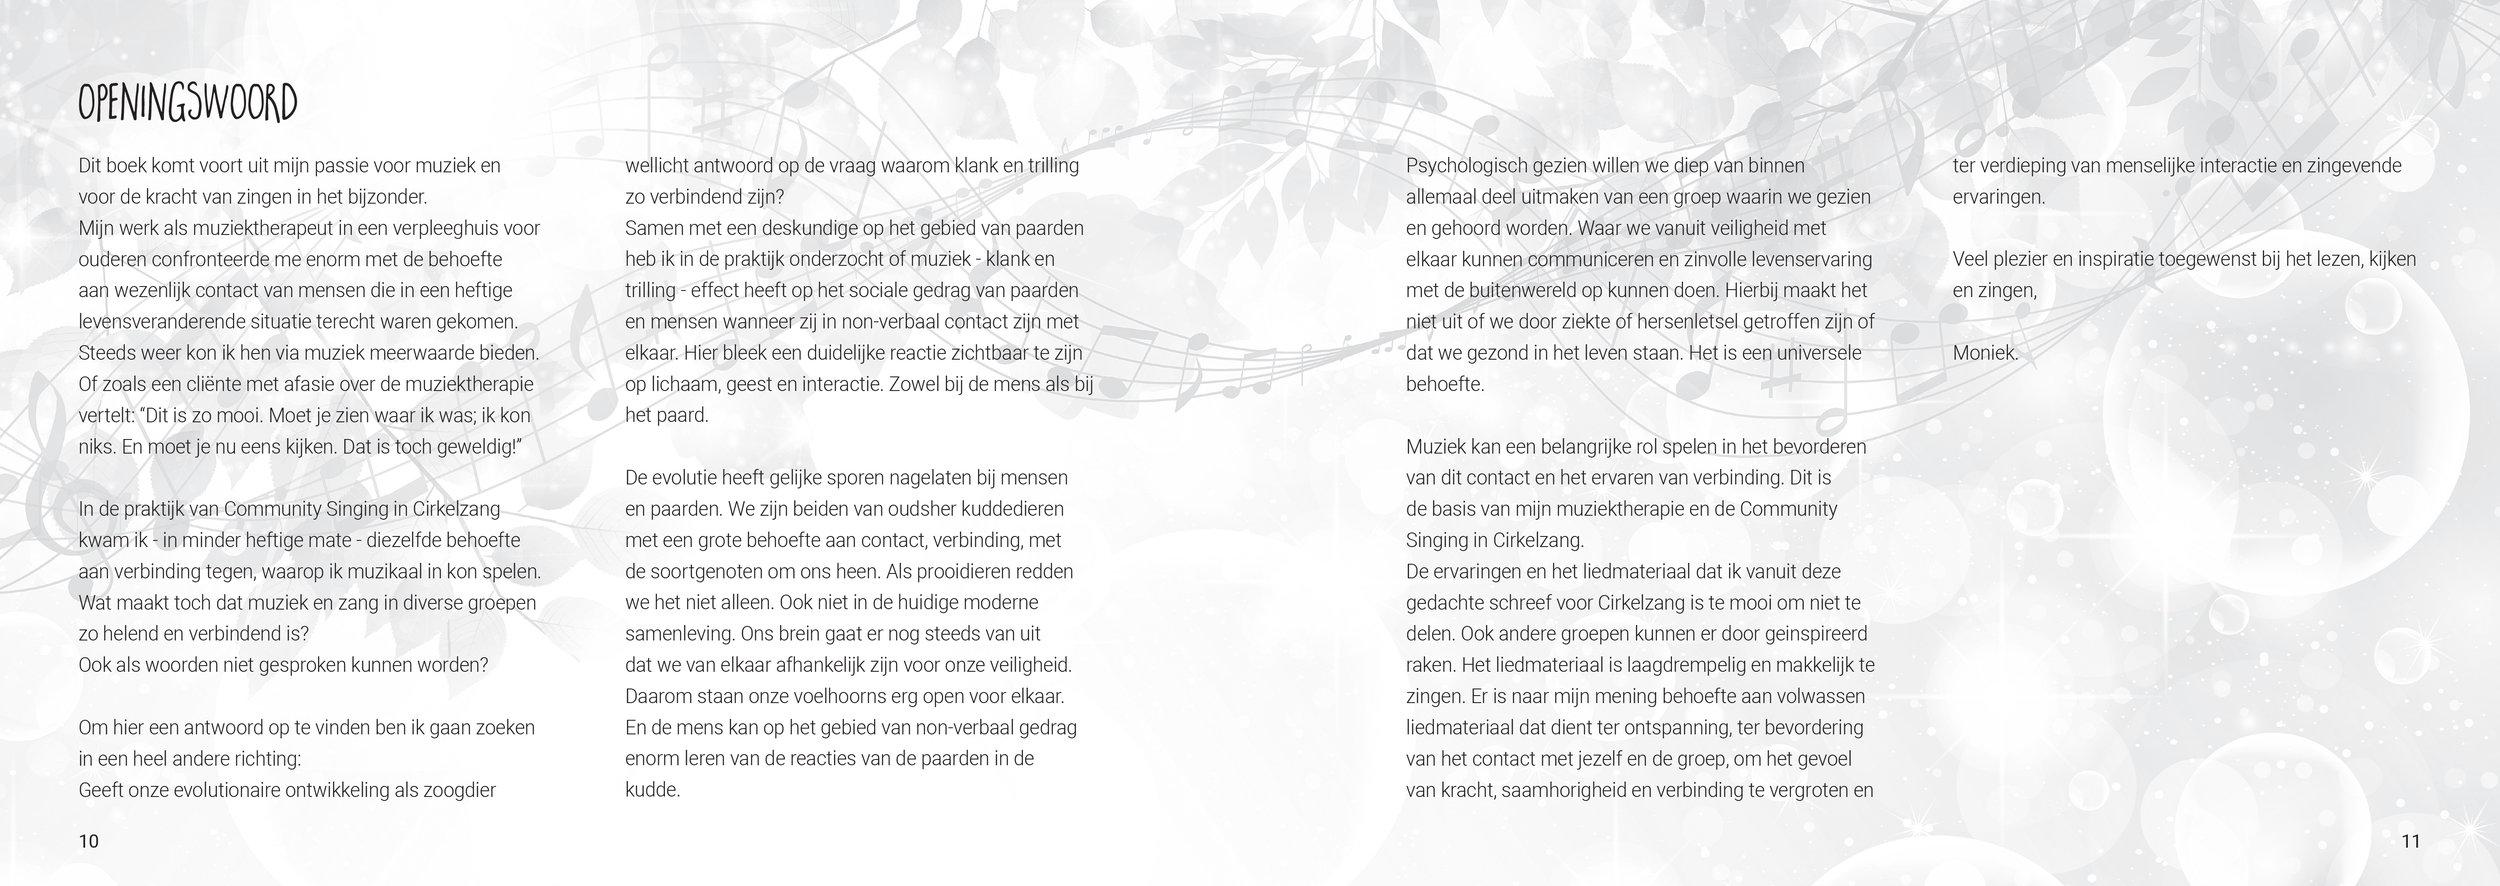 180805-Moniek Korsman-openingswoord.jpg